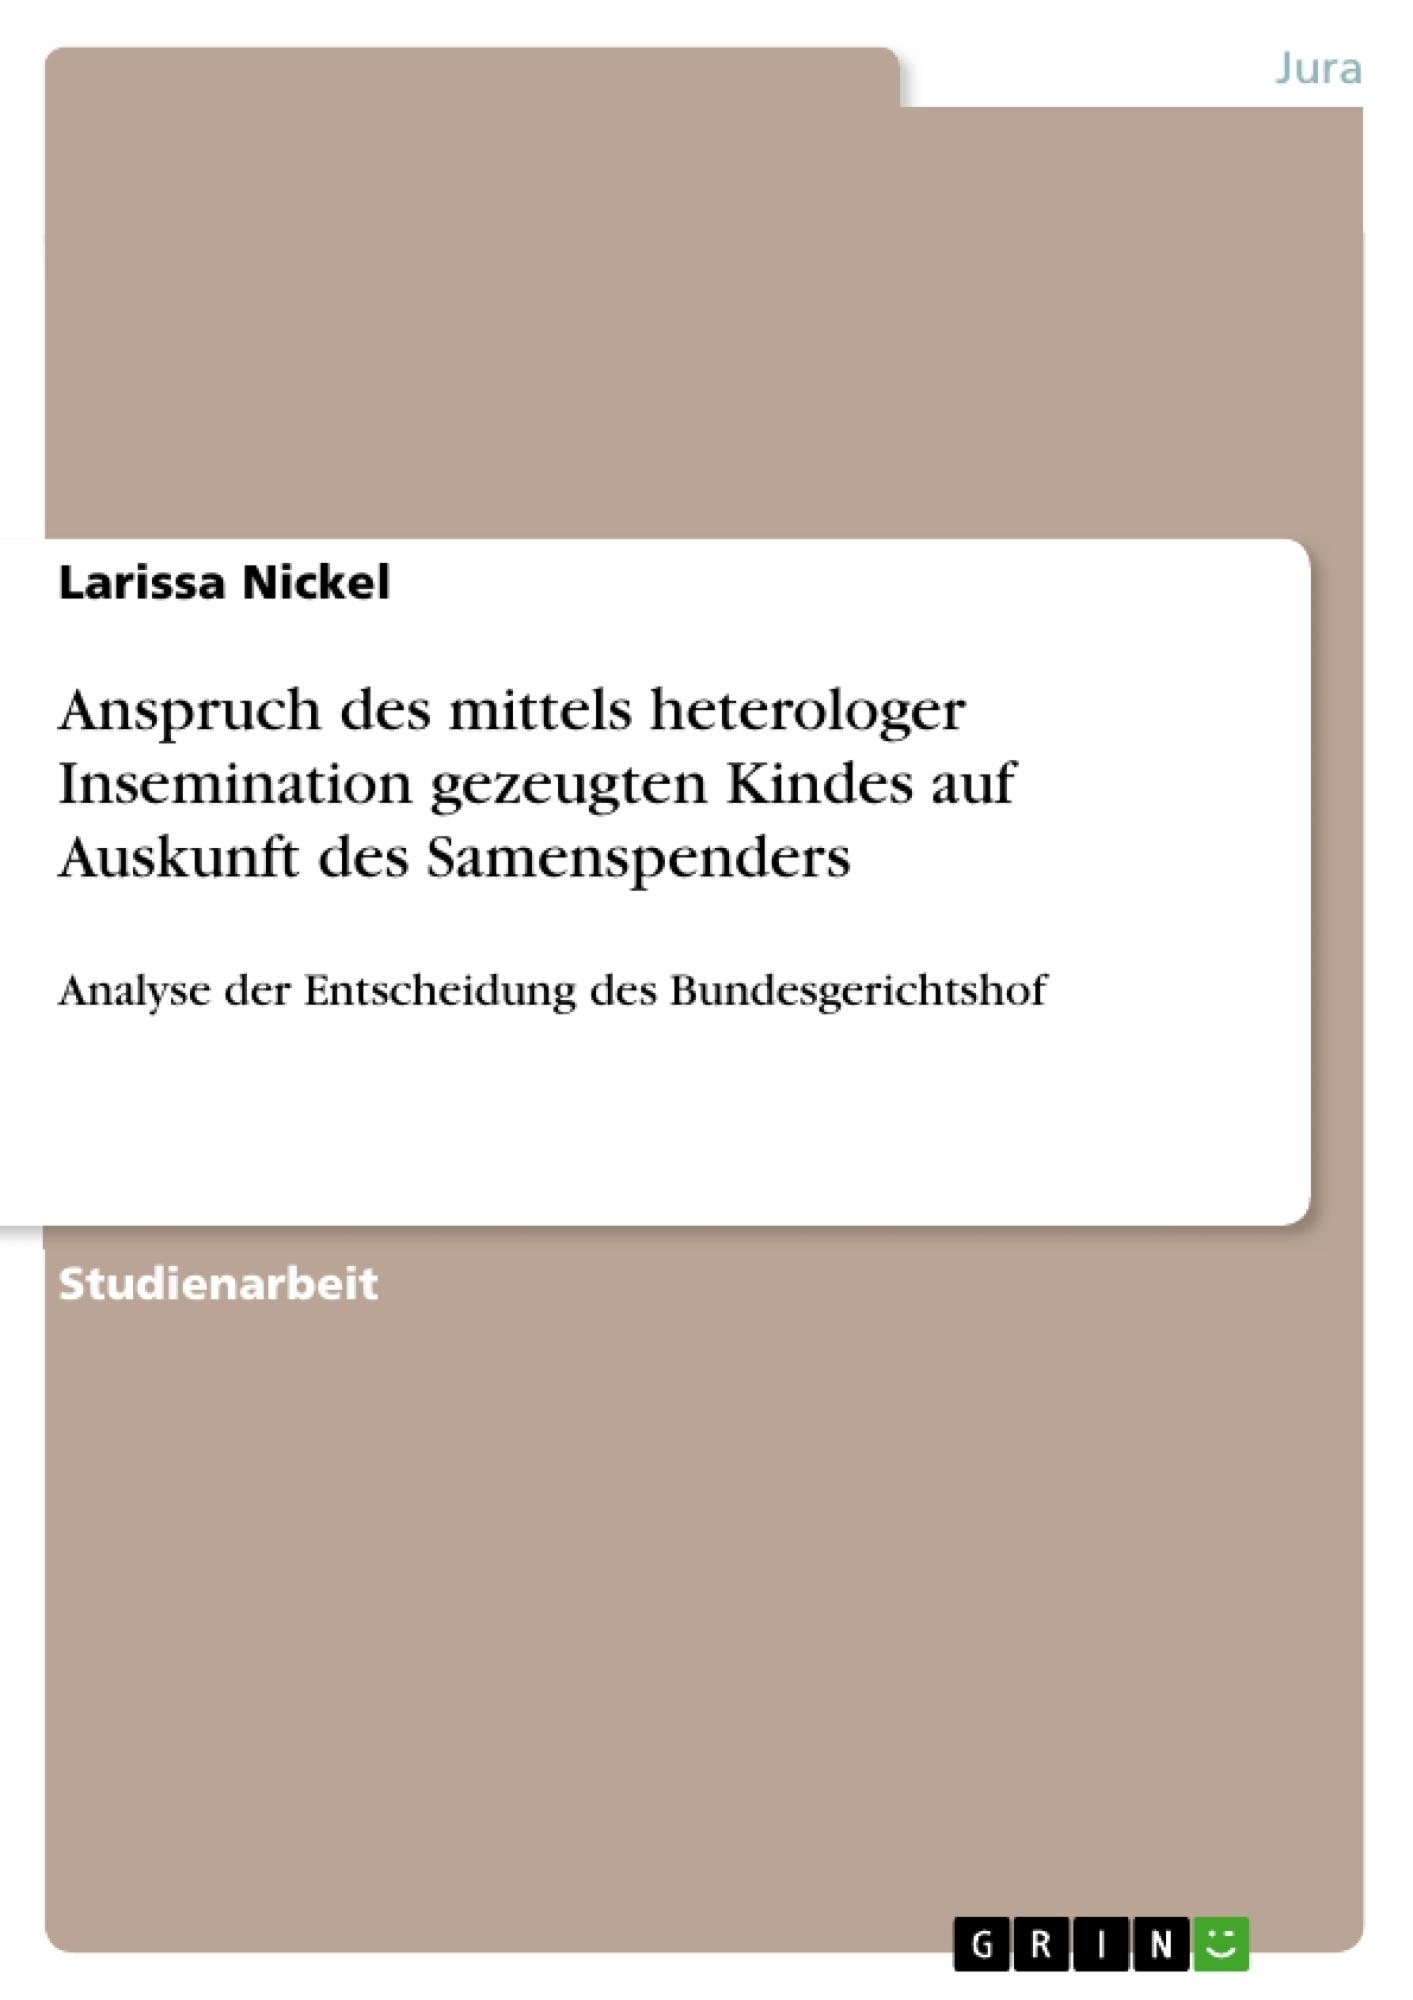 Titel: Anspruch des mittels heterologer Insemination gezeugten Kindes auf Auskunft des Samenspenders